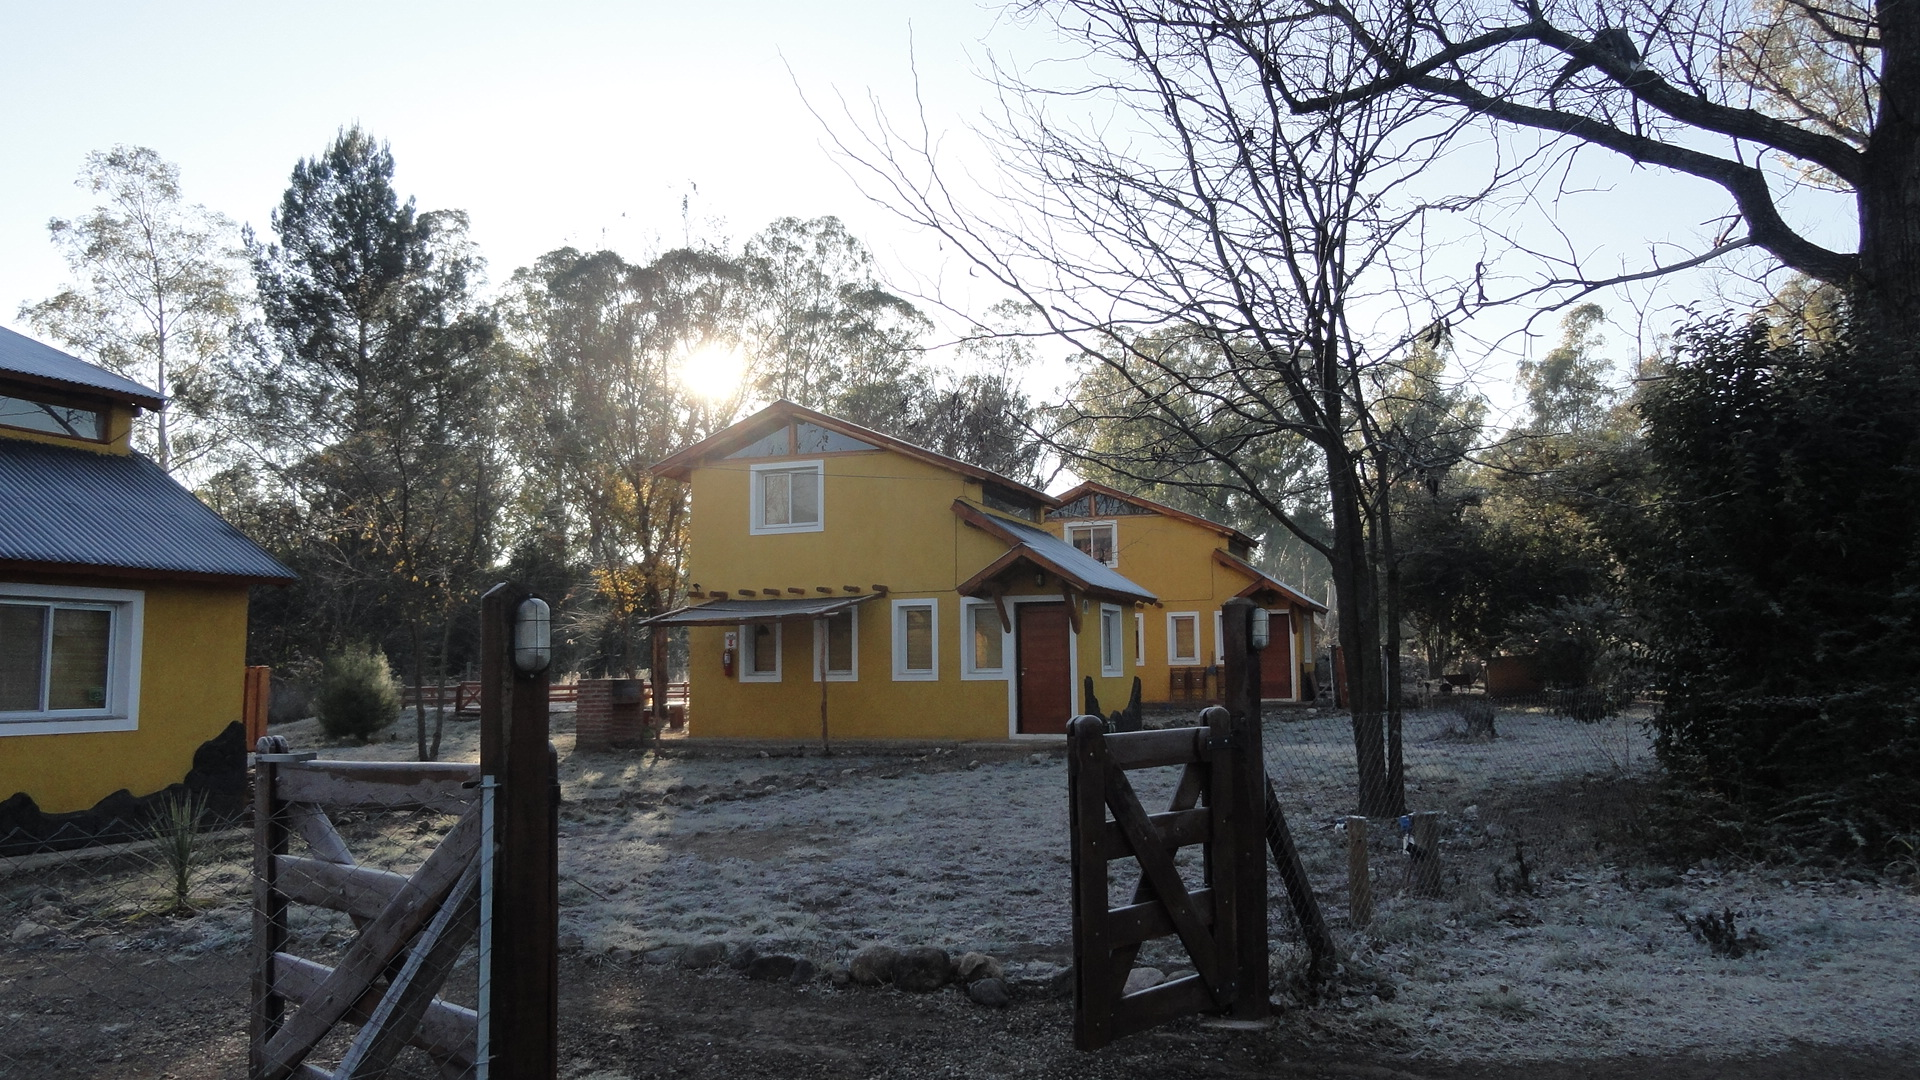 Vacaciones de Invierno en el Valle de Calamuchita: ¿Qué hacer?